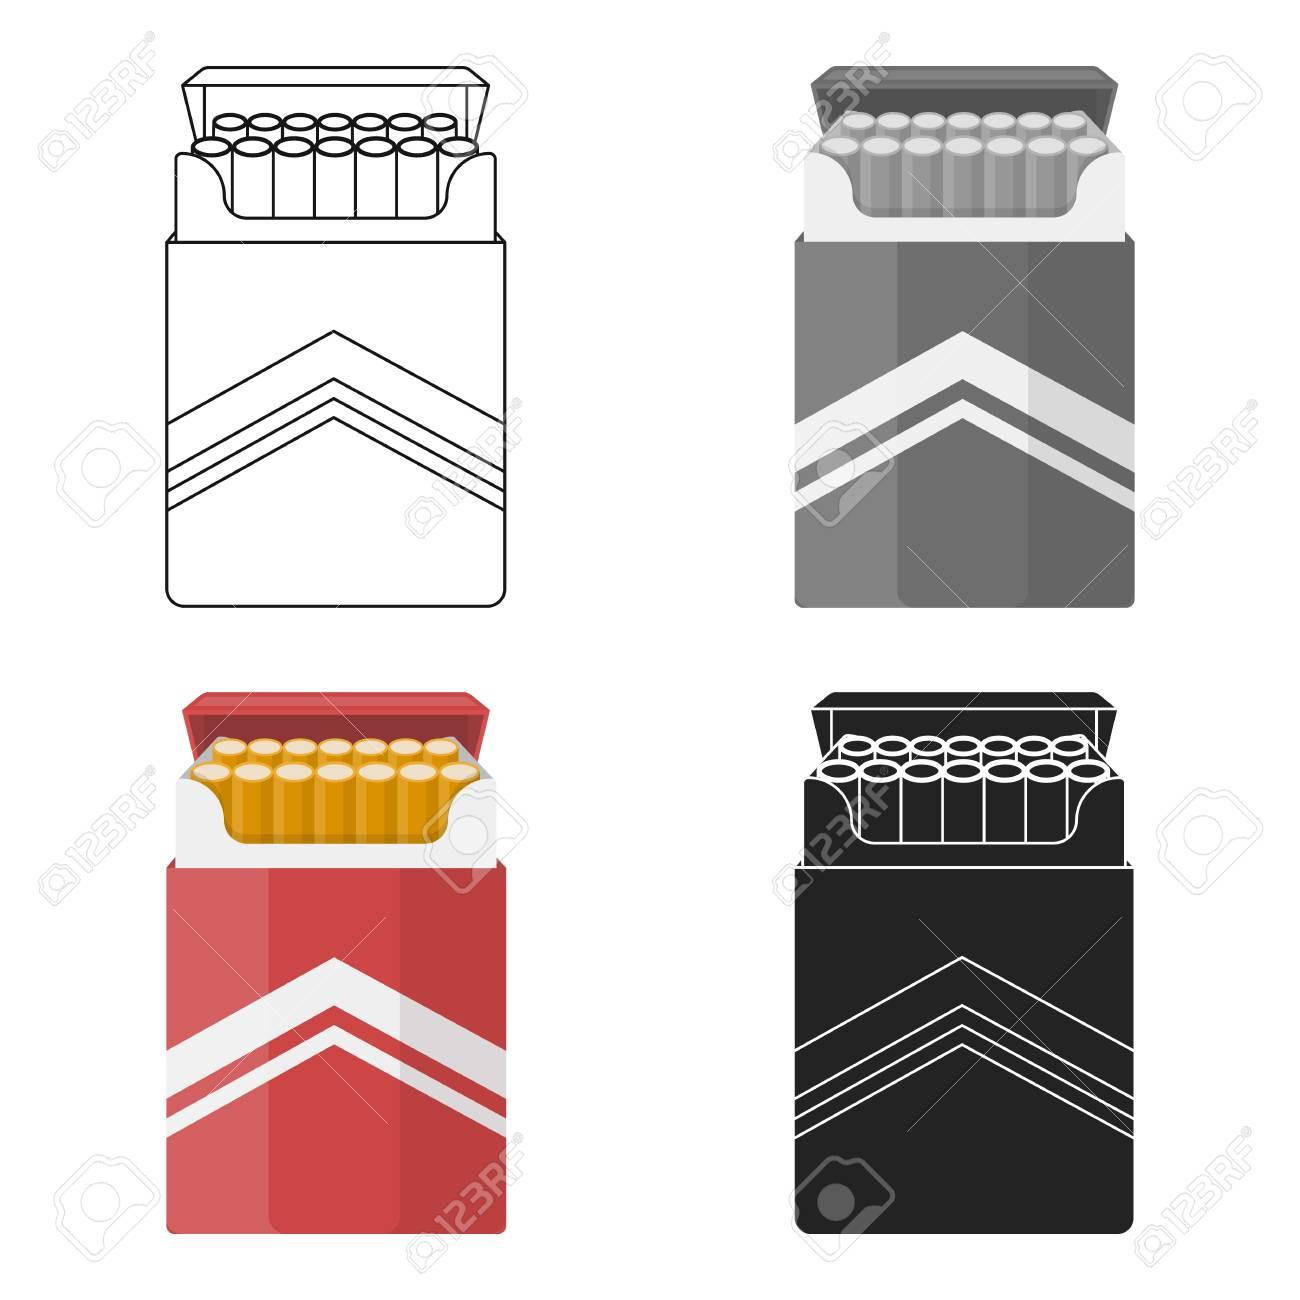 Dessin Paquet De Cigarette paquet de cigarettes icône dans le style de dessin animé isolé sur